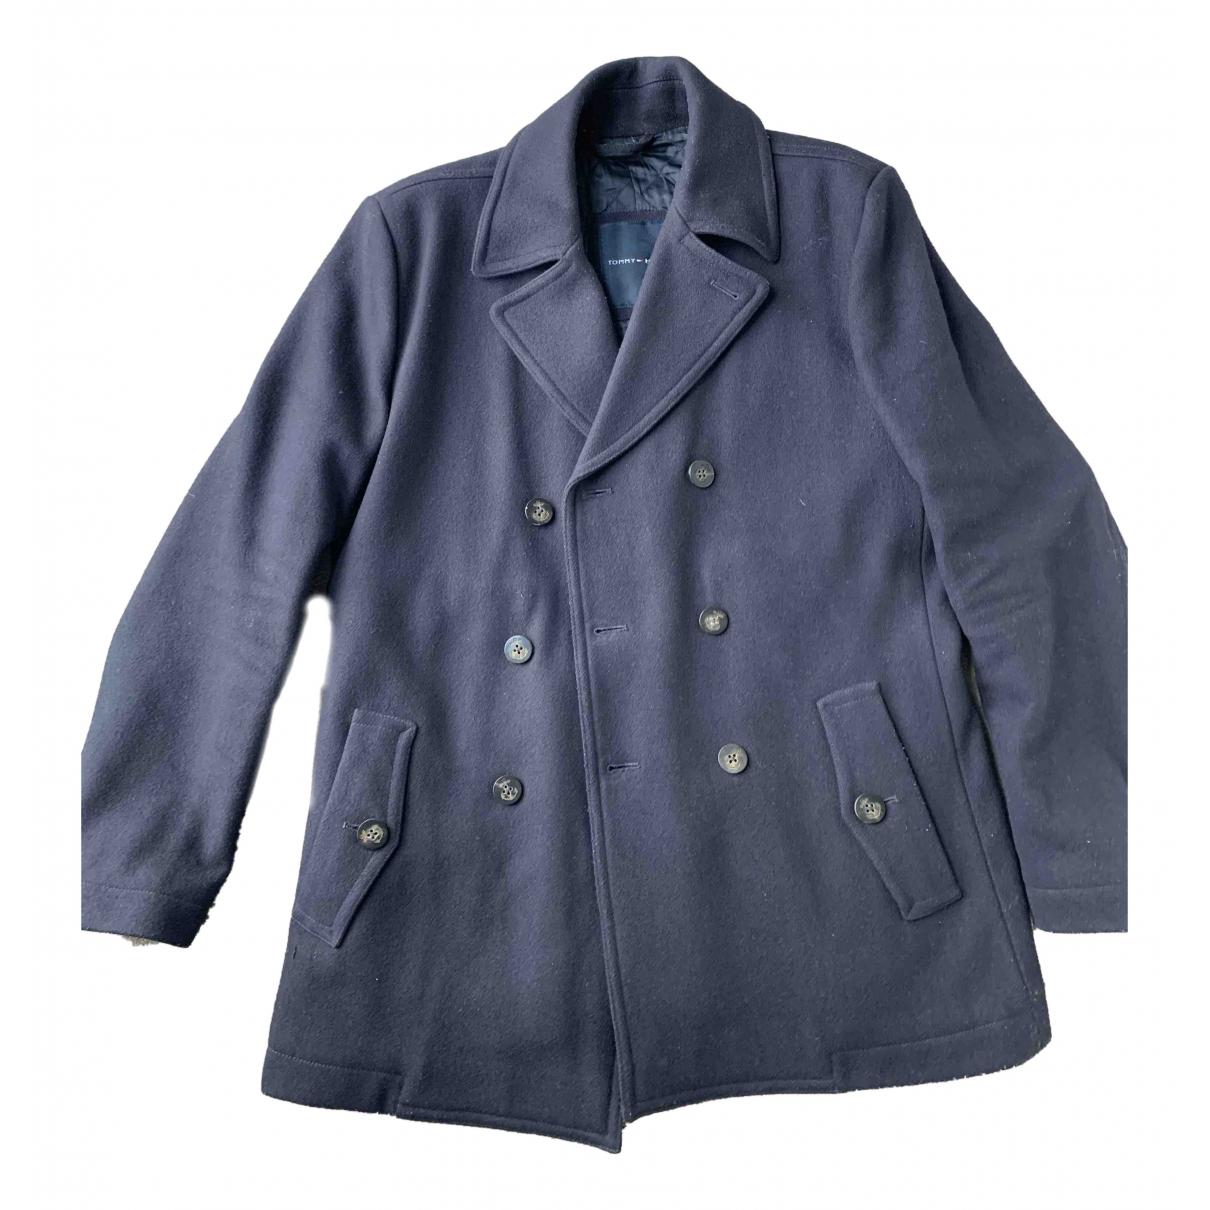 Tommy Hilfiger - Manteau   pour homme en laine - bleu